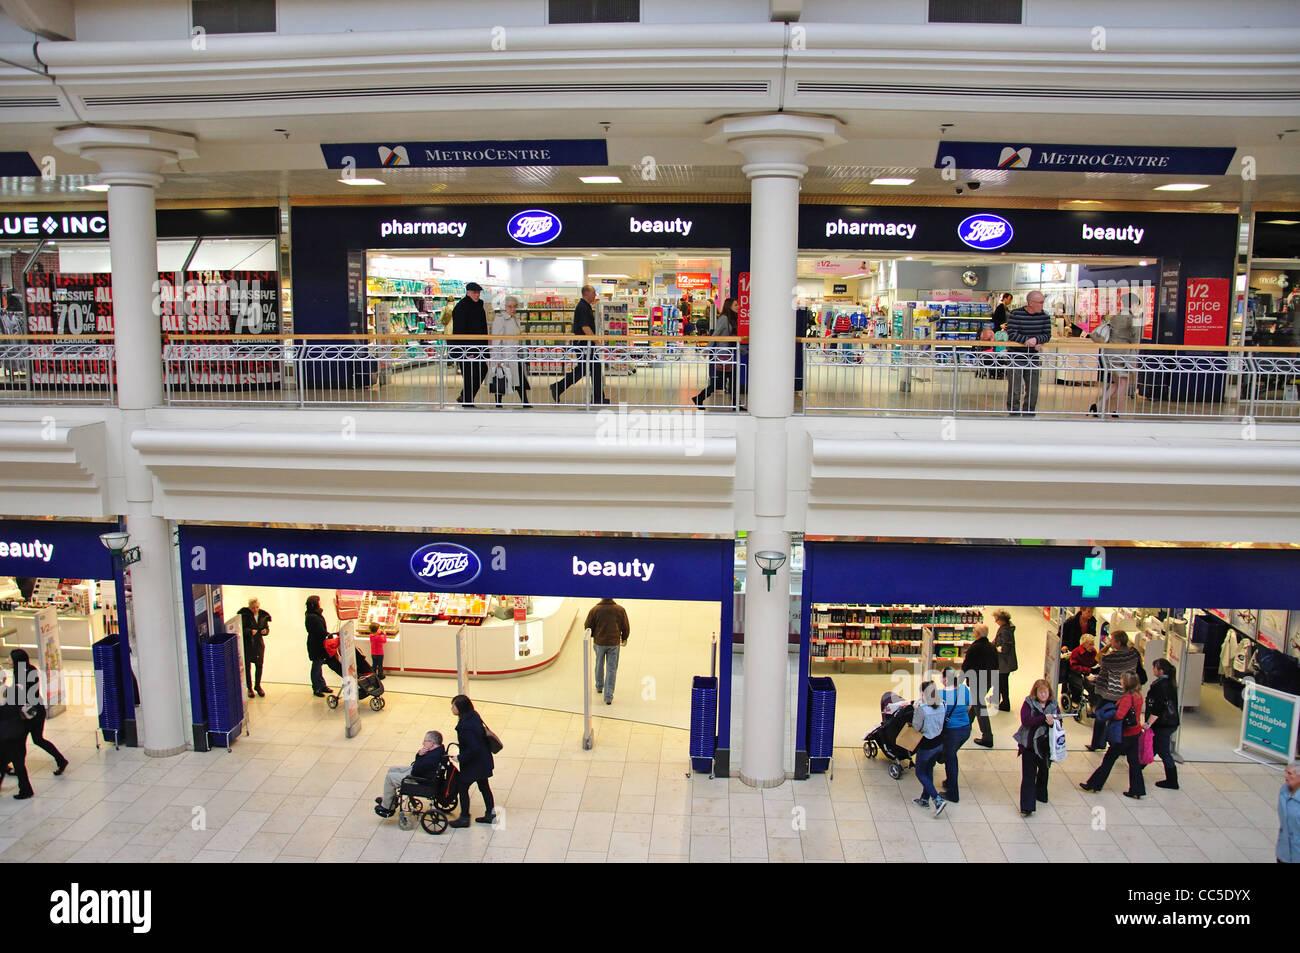 'Boots UK Limited' chemist at Metro Shopping Centre, Gateshead, Tyne and Wear, England, United Kingdom - Stock Image